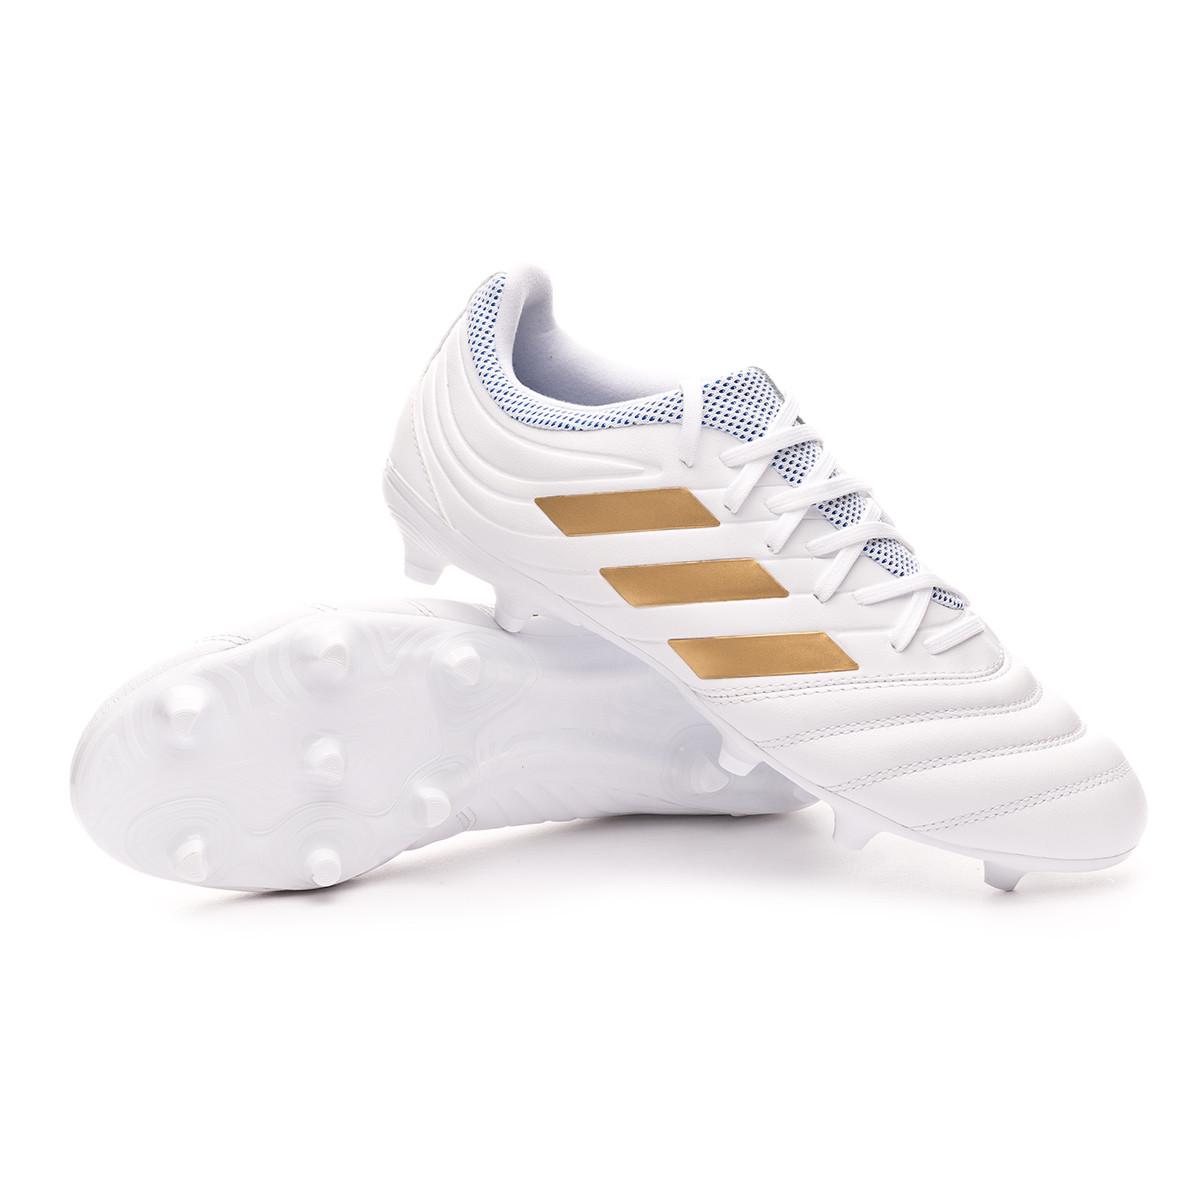 Scarpe adidas Copa 19.3 FG White Gold metallic Football blue